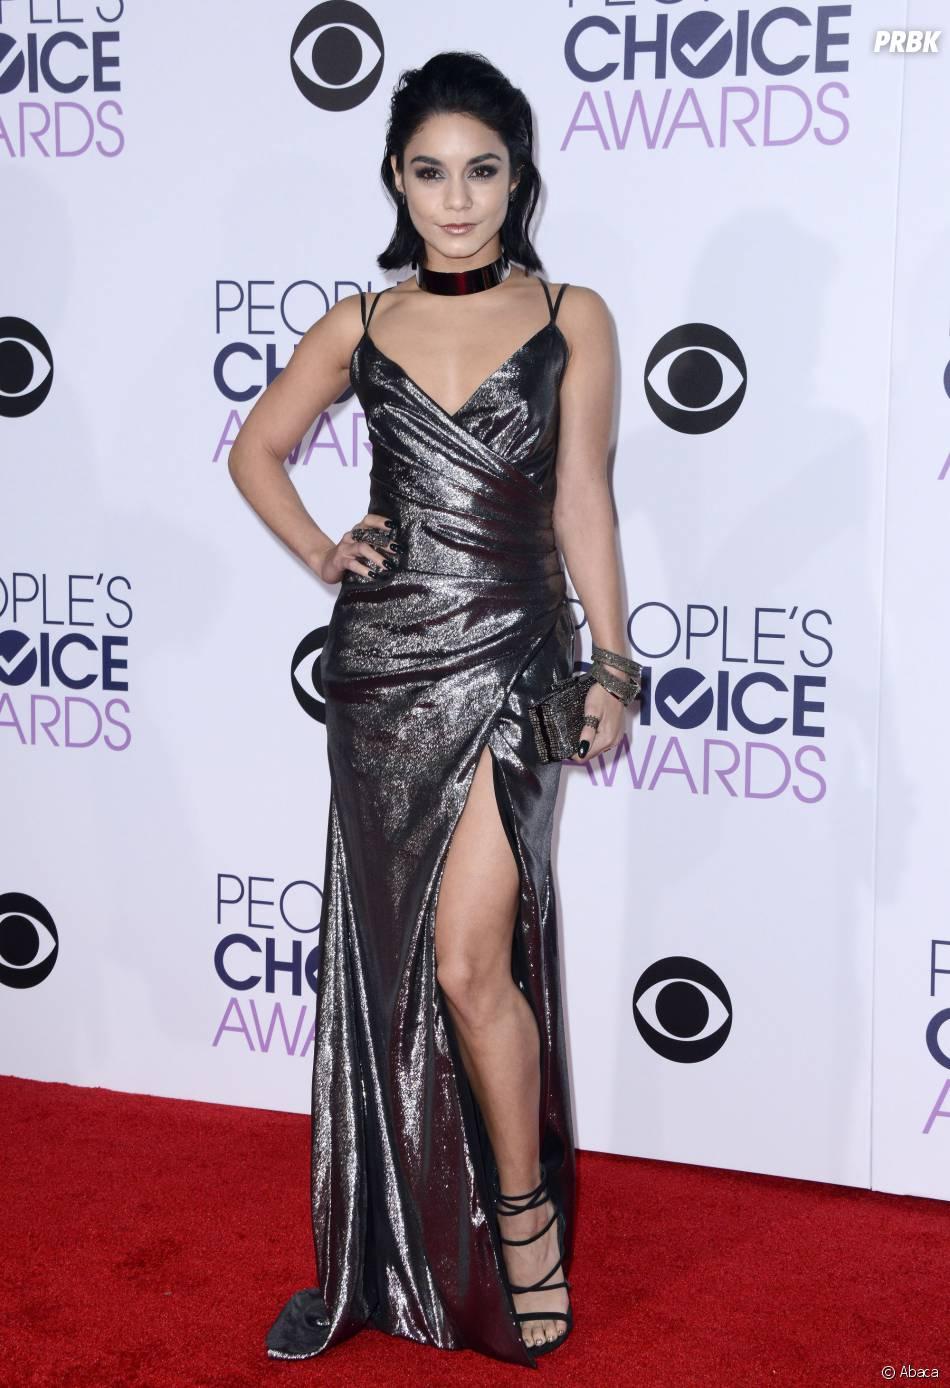 People's Choice Awards 2016 : Vanessa Hudgens sur le tapis rouge le 6 janvier